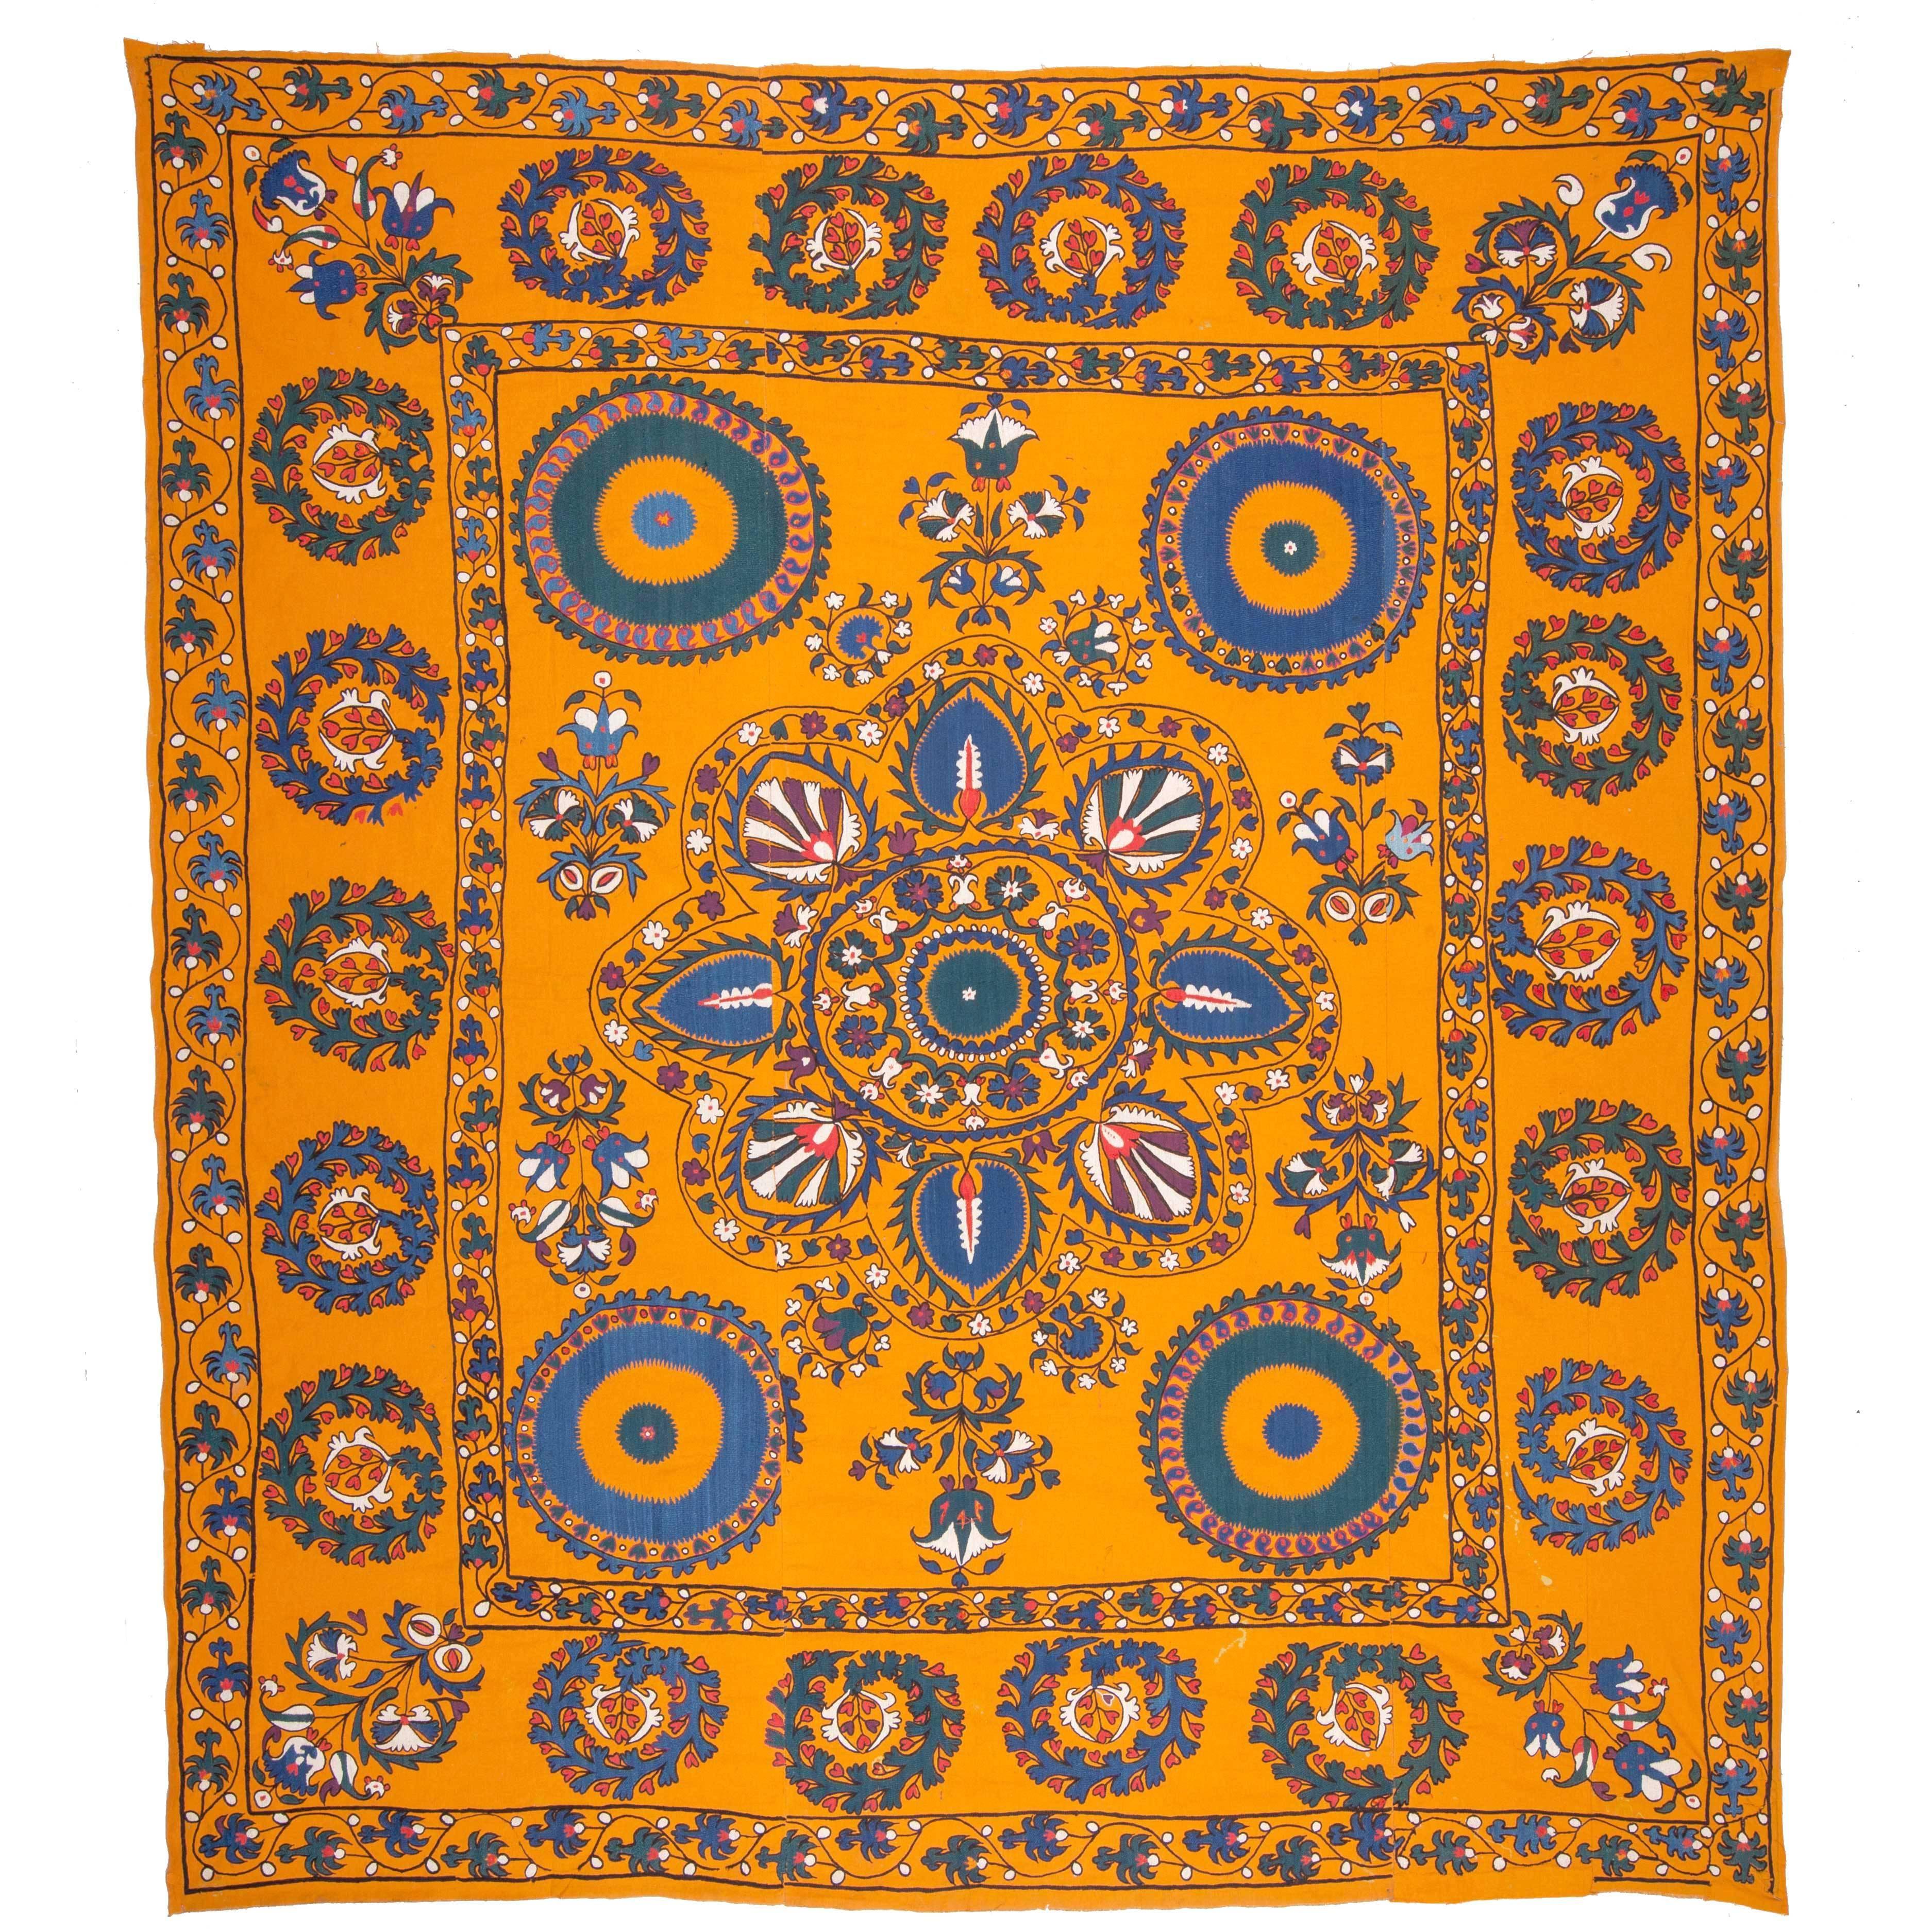 Late 19th Century Central Asian Suzani from Tashkent Uzbekistan